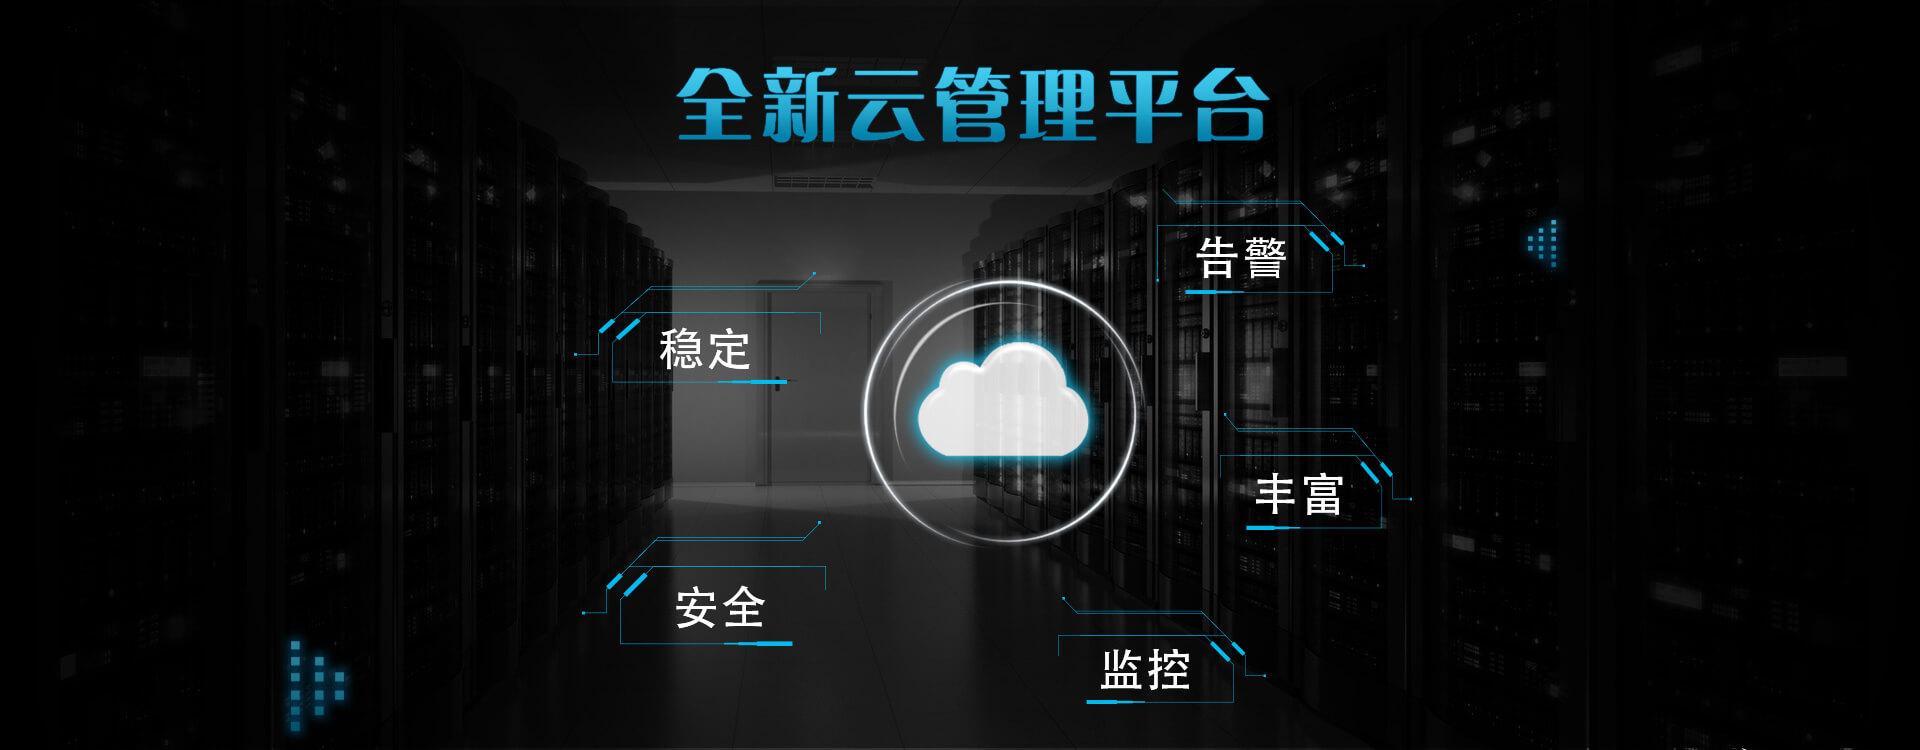 cloudmanagementplatform-cn